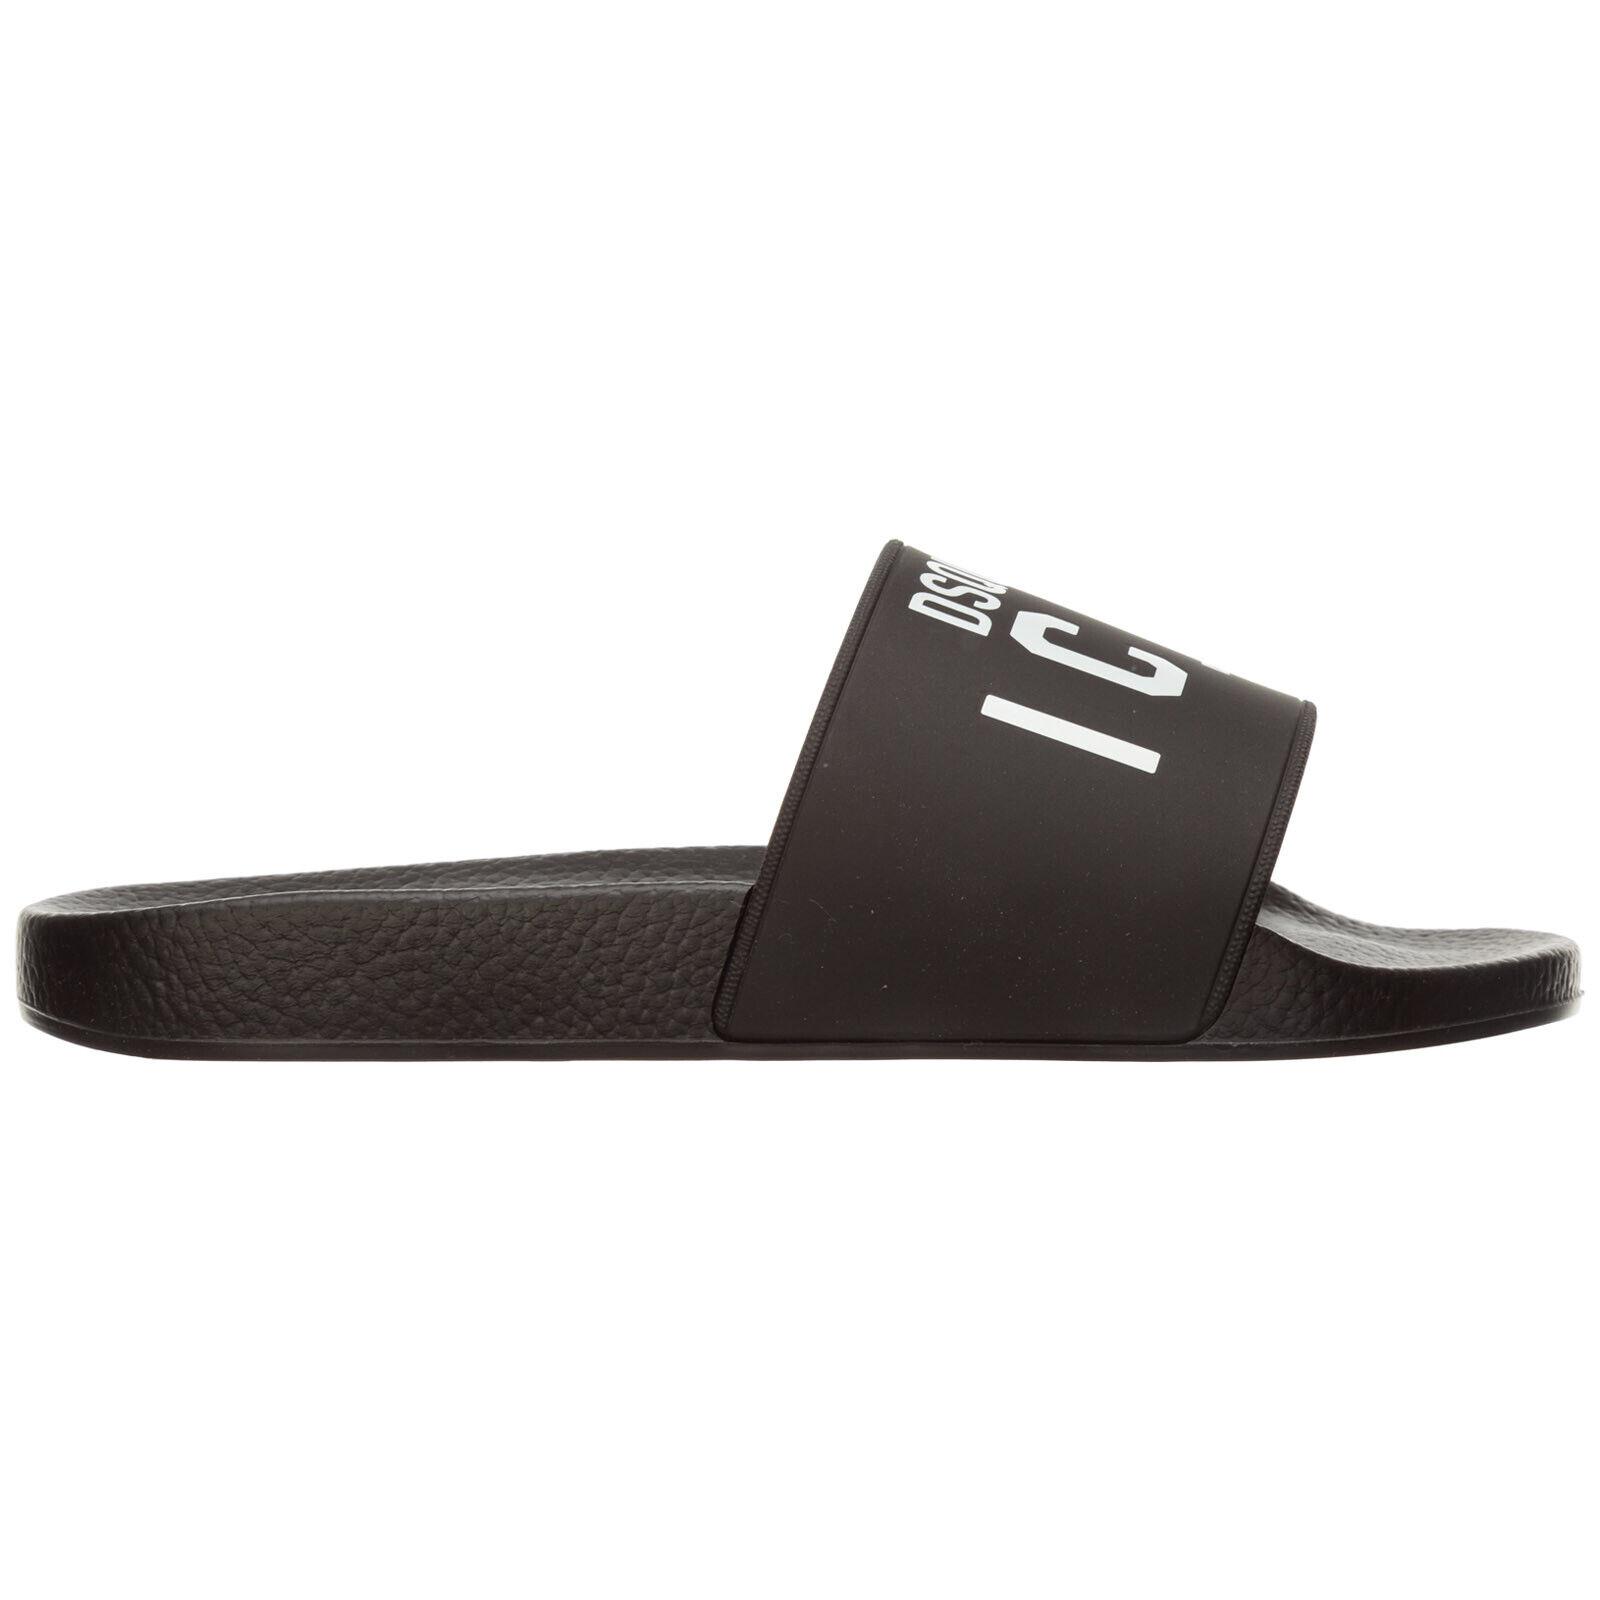 Dsquarot2 mule homme icon FFM0007172000012124 caoutchouc schwarz slip on chaussure